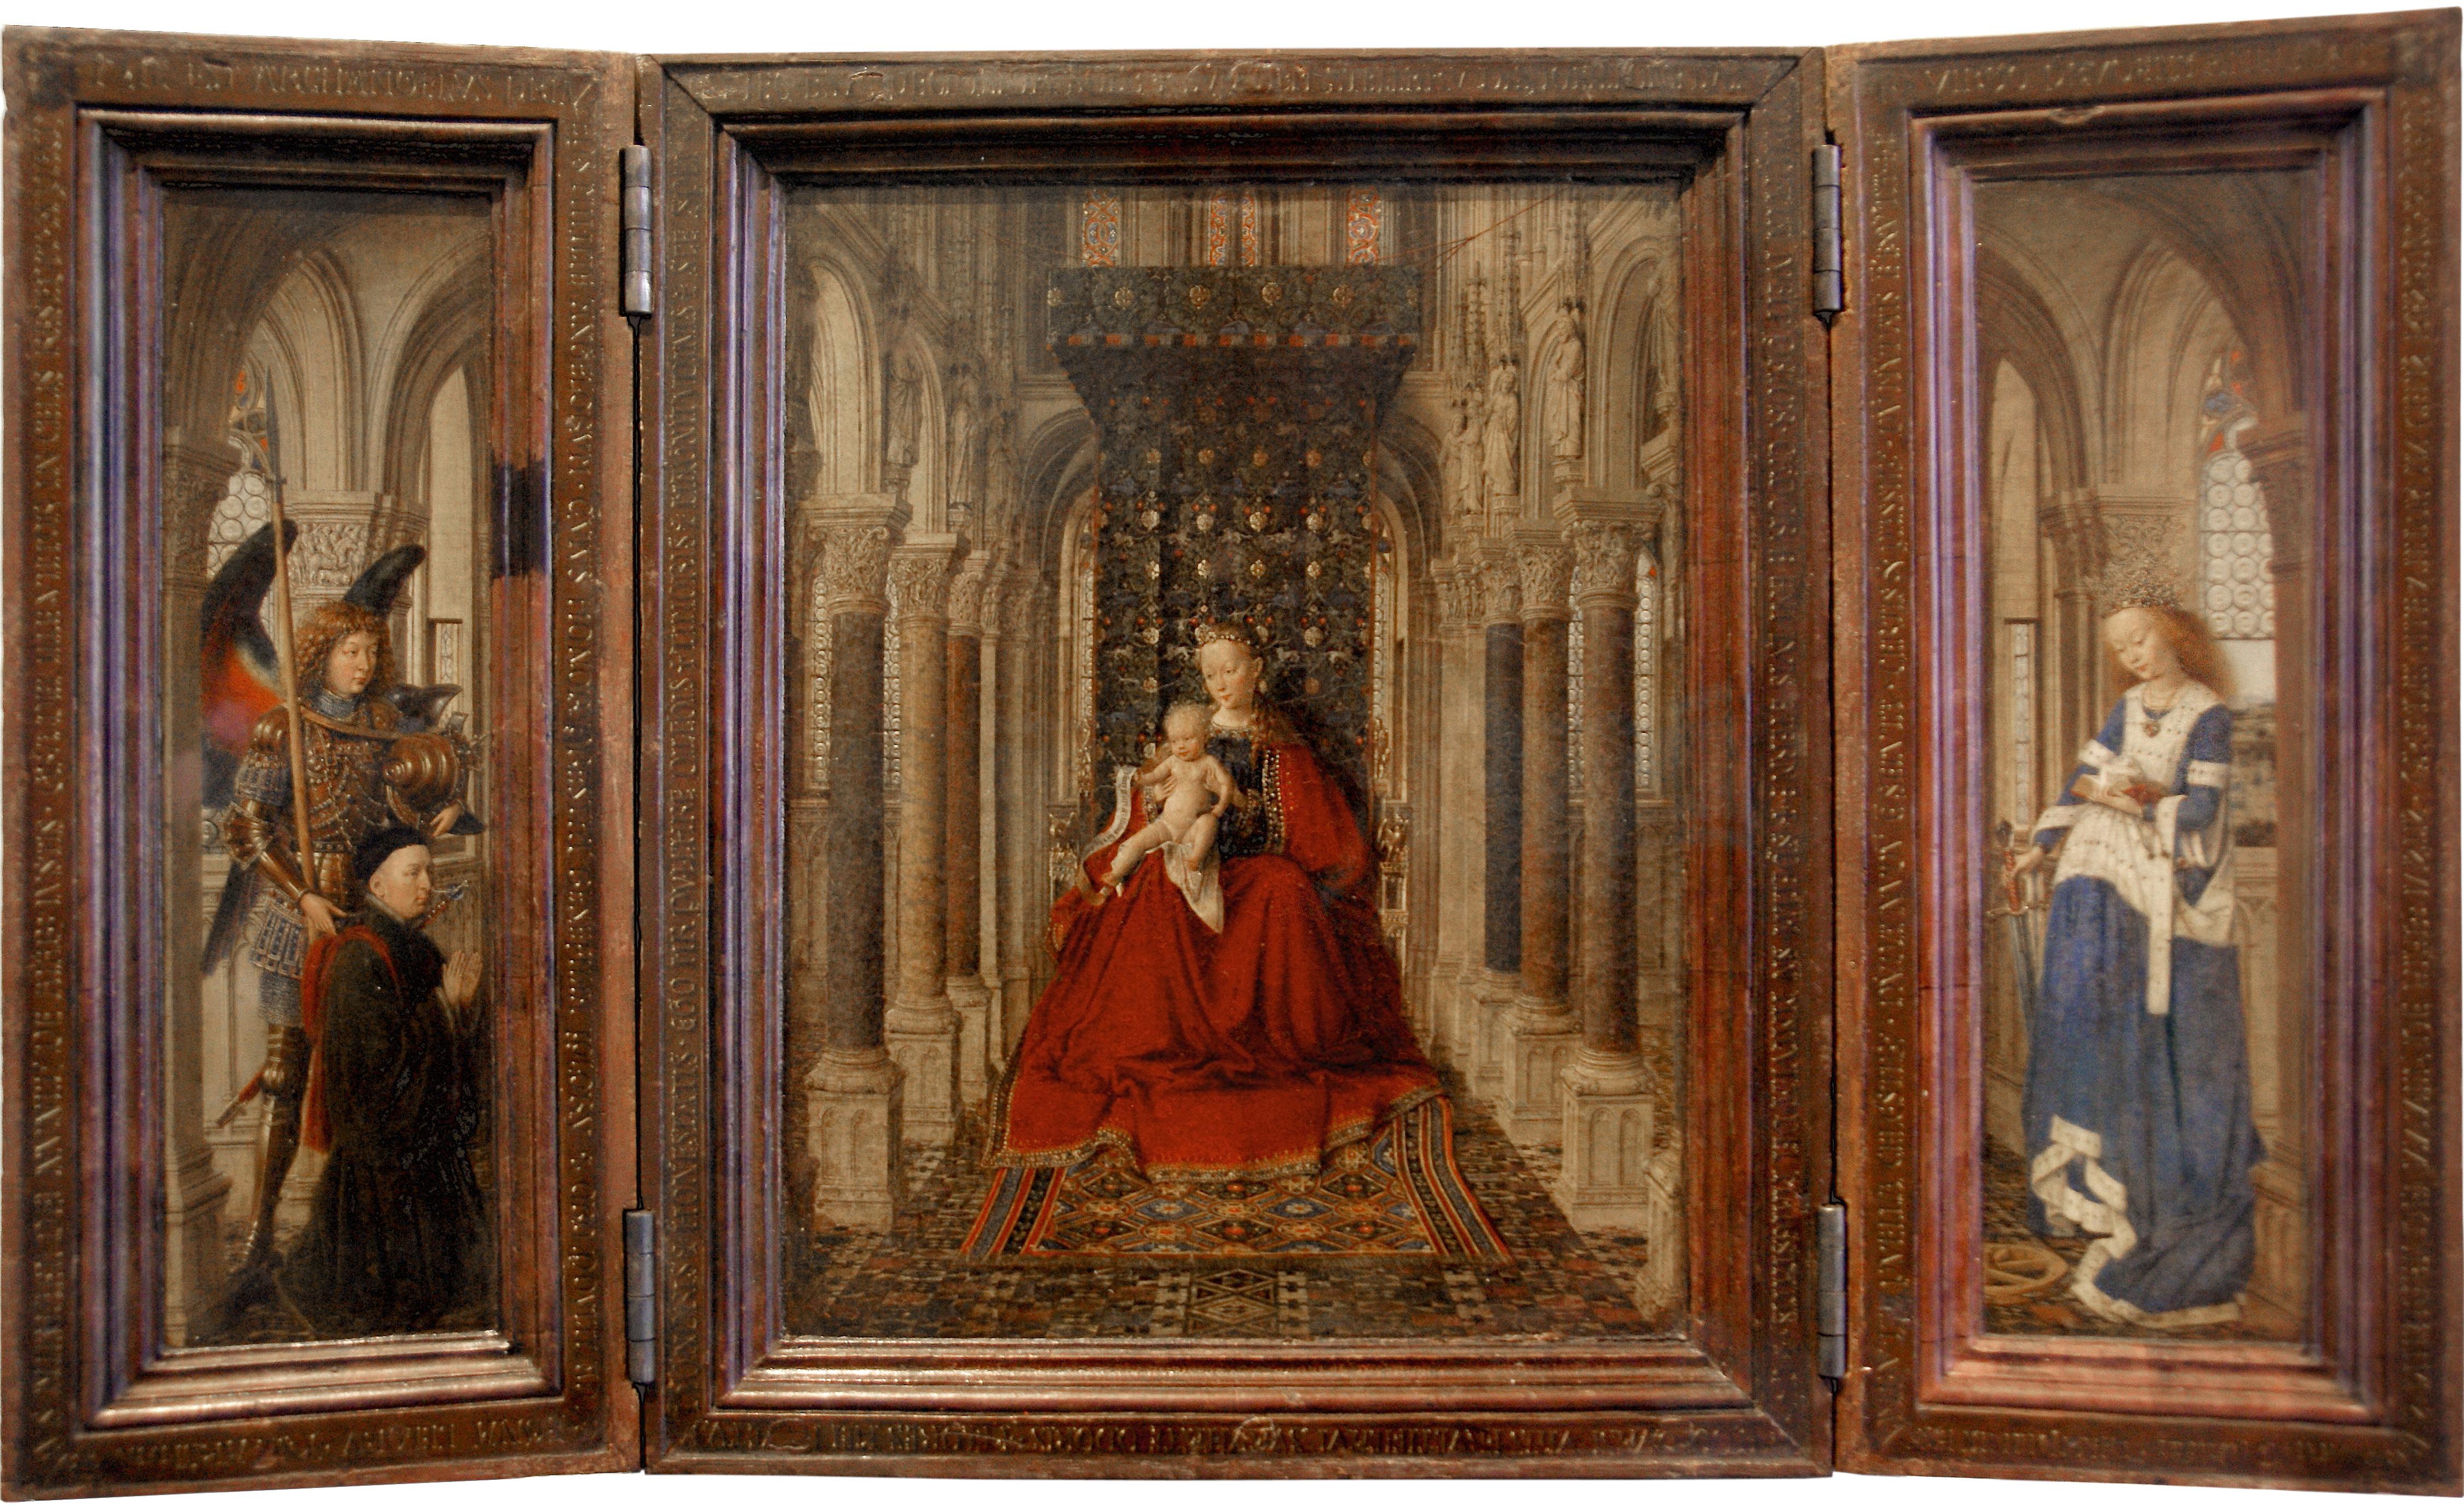 Verbazingwekkend File:Jan van Eyck - Gemäldegalerie Alte Meister - Dresdner PU-93